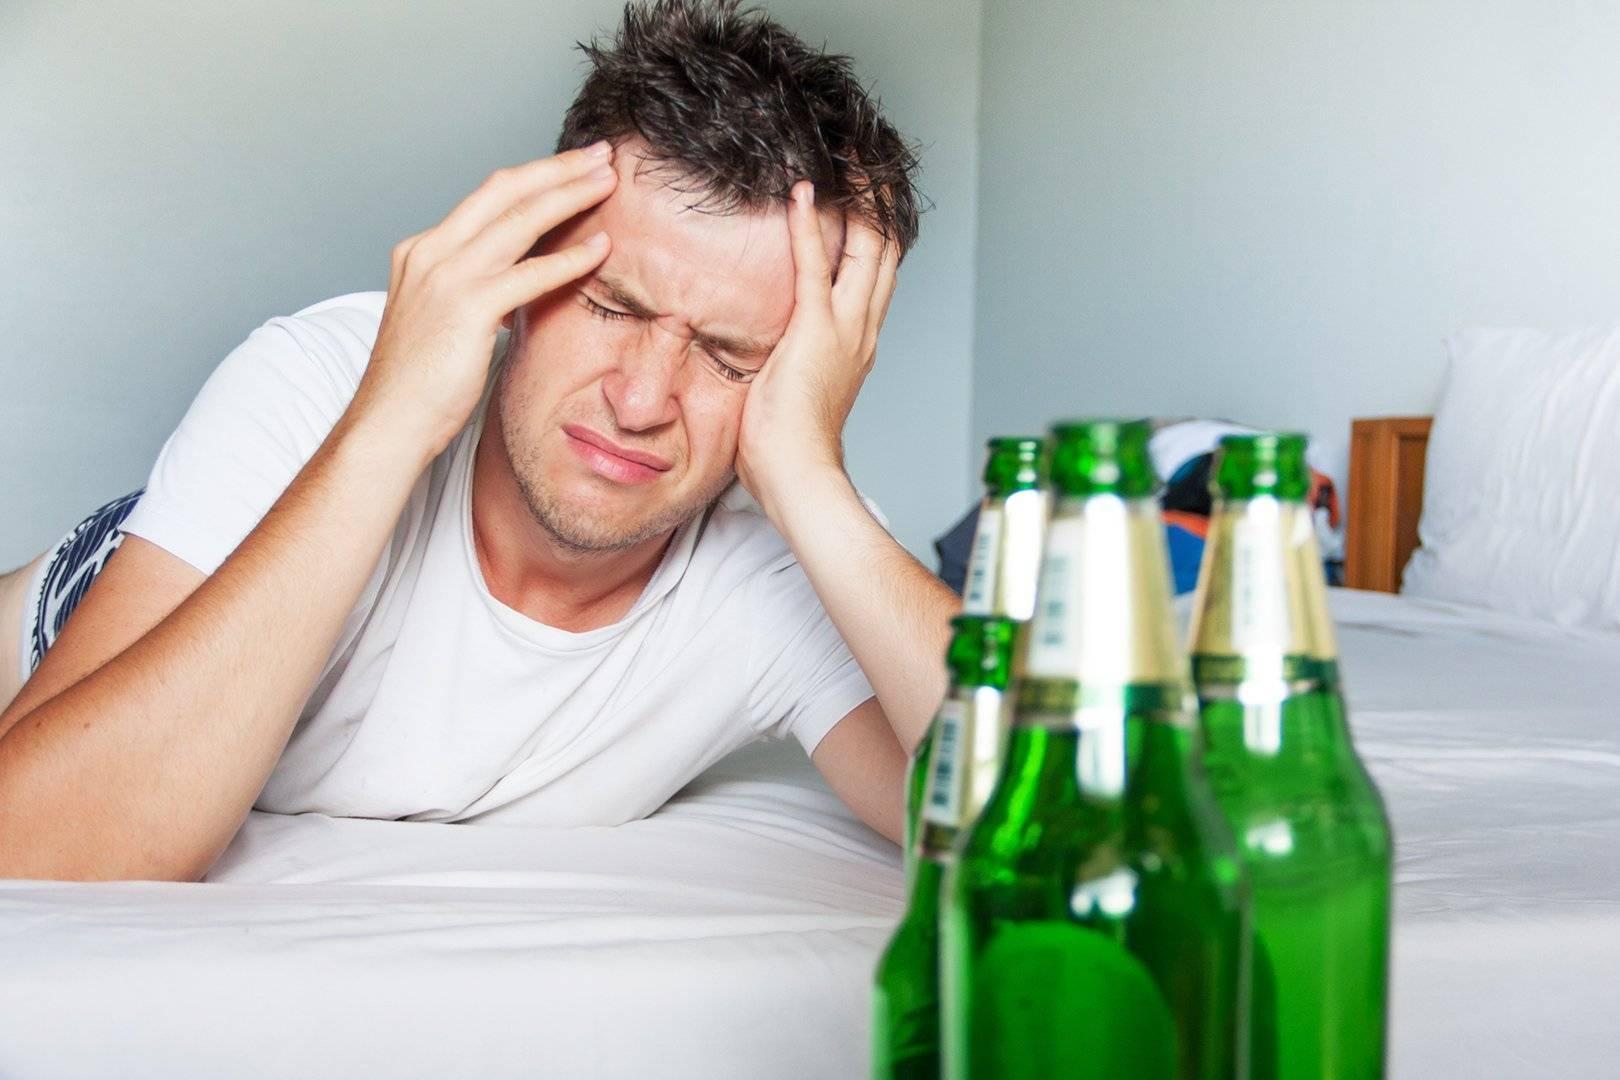 Похмельный синдром: симптомы и лечение